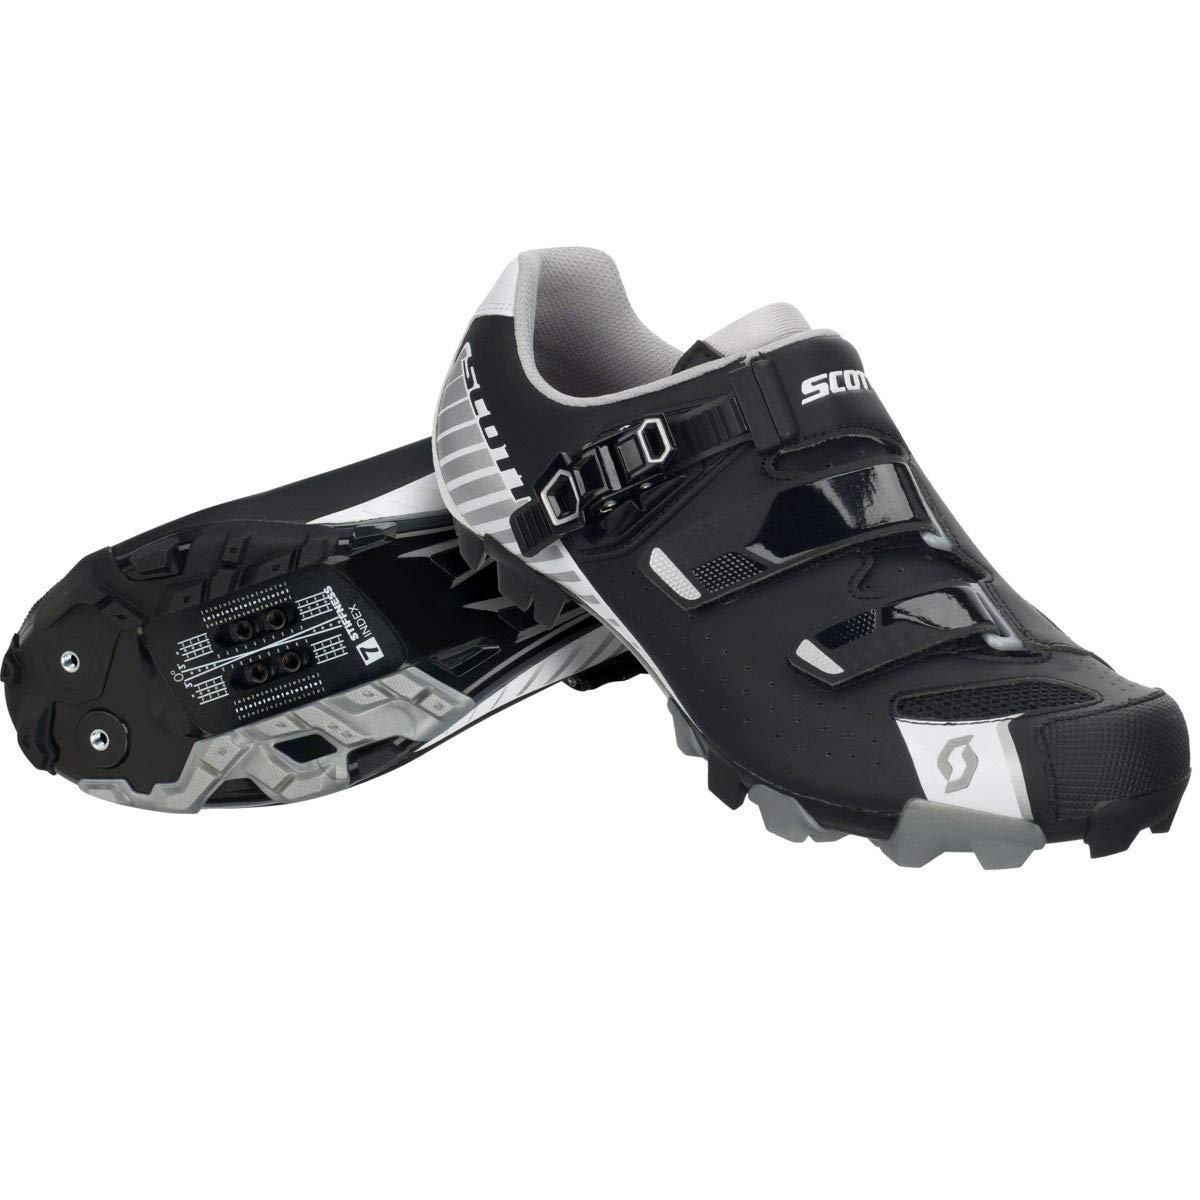 スコット2017メンズMTB Proバイク靴 – 251830 48 Matt Black/Gloss White B01LYVUDZ2